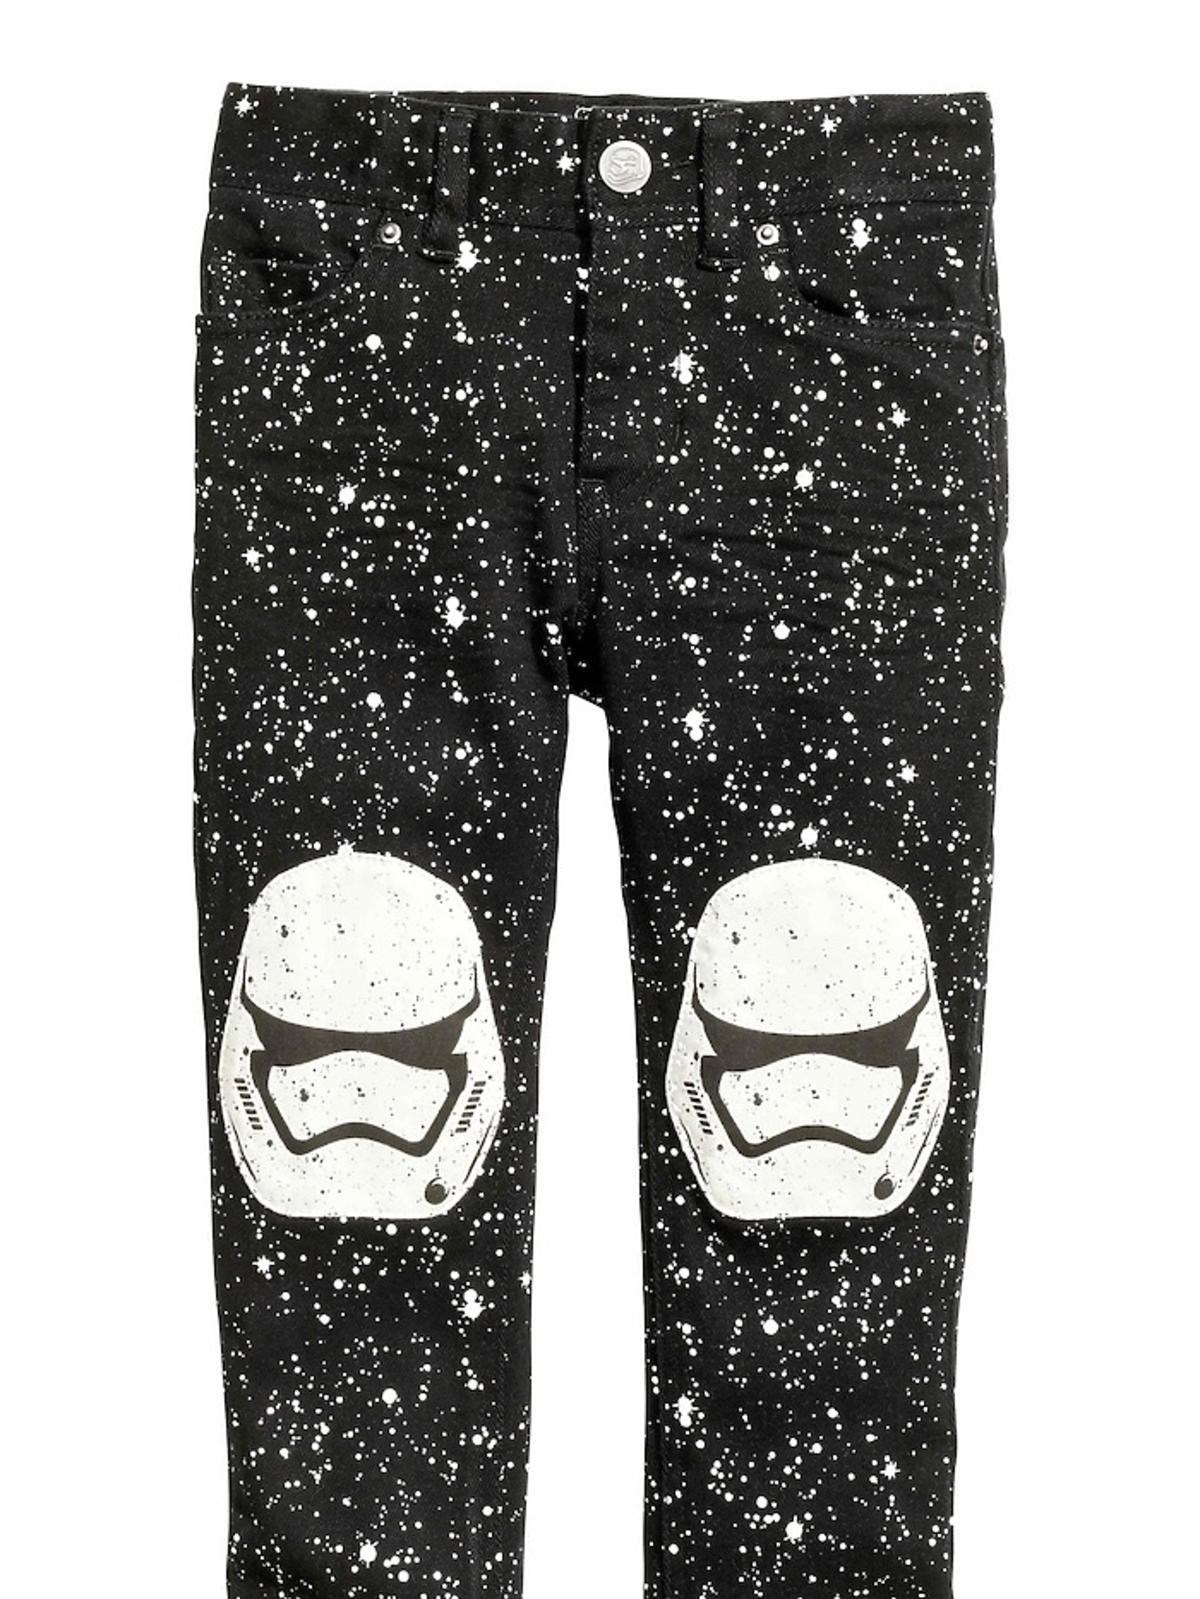 Chłopięce spodnie H&M, 99 zł